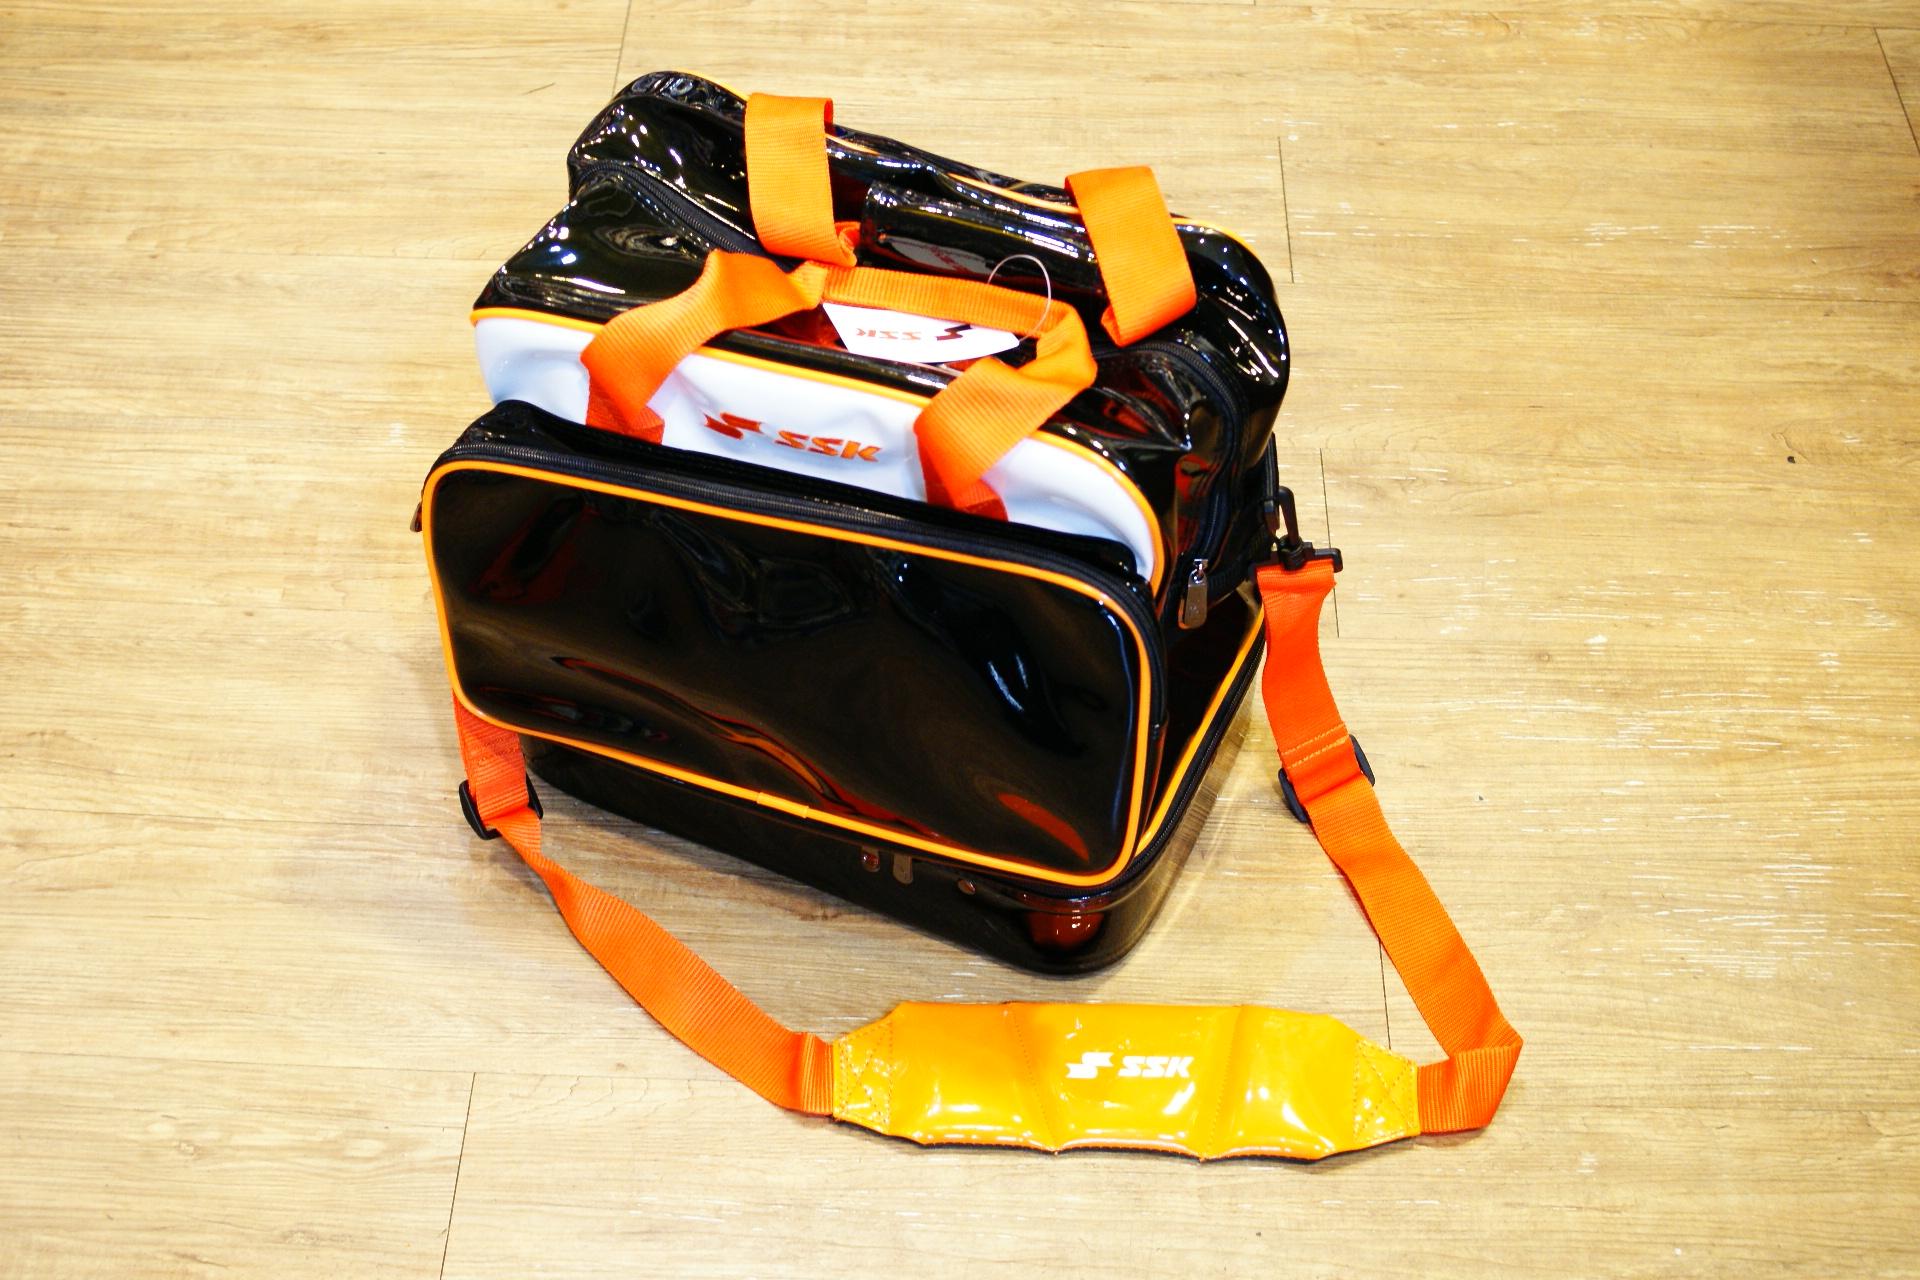 棒球世界 SSK新款個人裝備袋 特價 黑橘樣式配色 6折迎新年出清